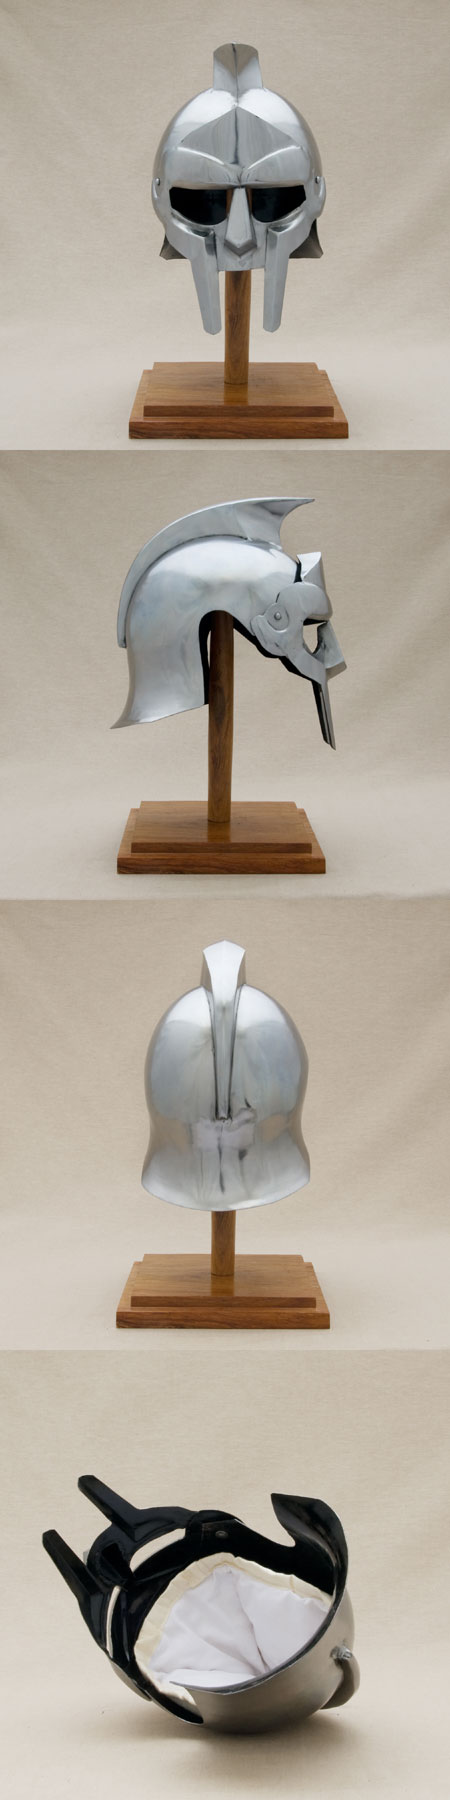 Cabeza para poner los auriculares. AH014-gladiator-maximus-film-helmet